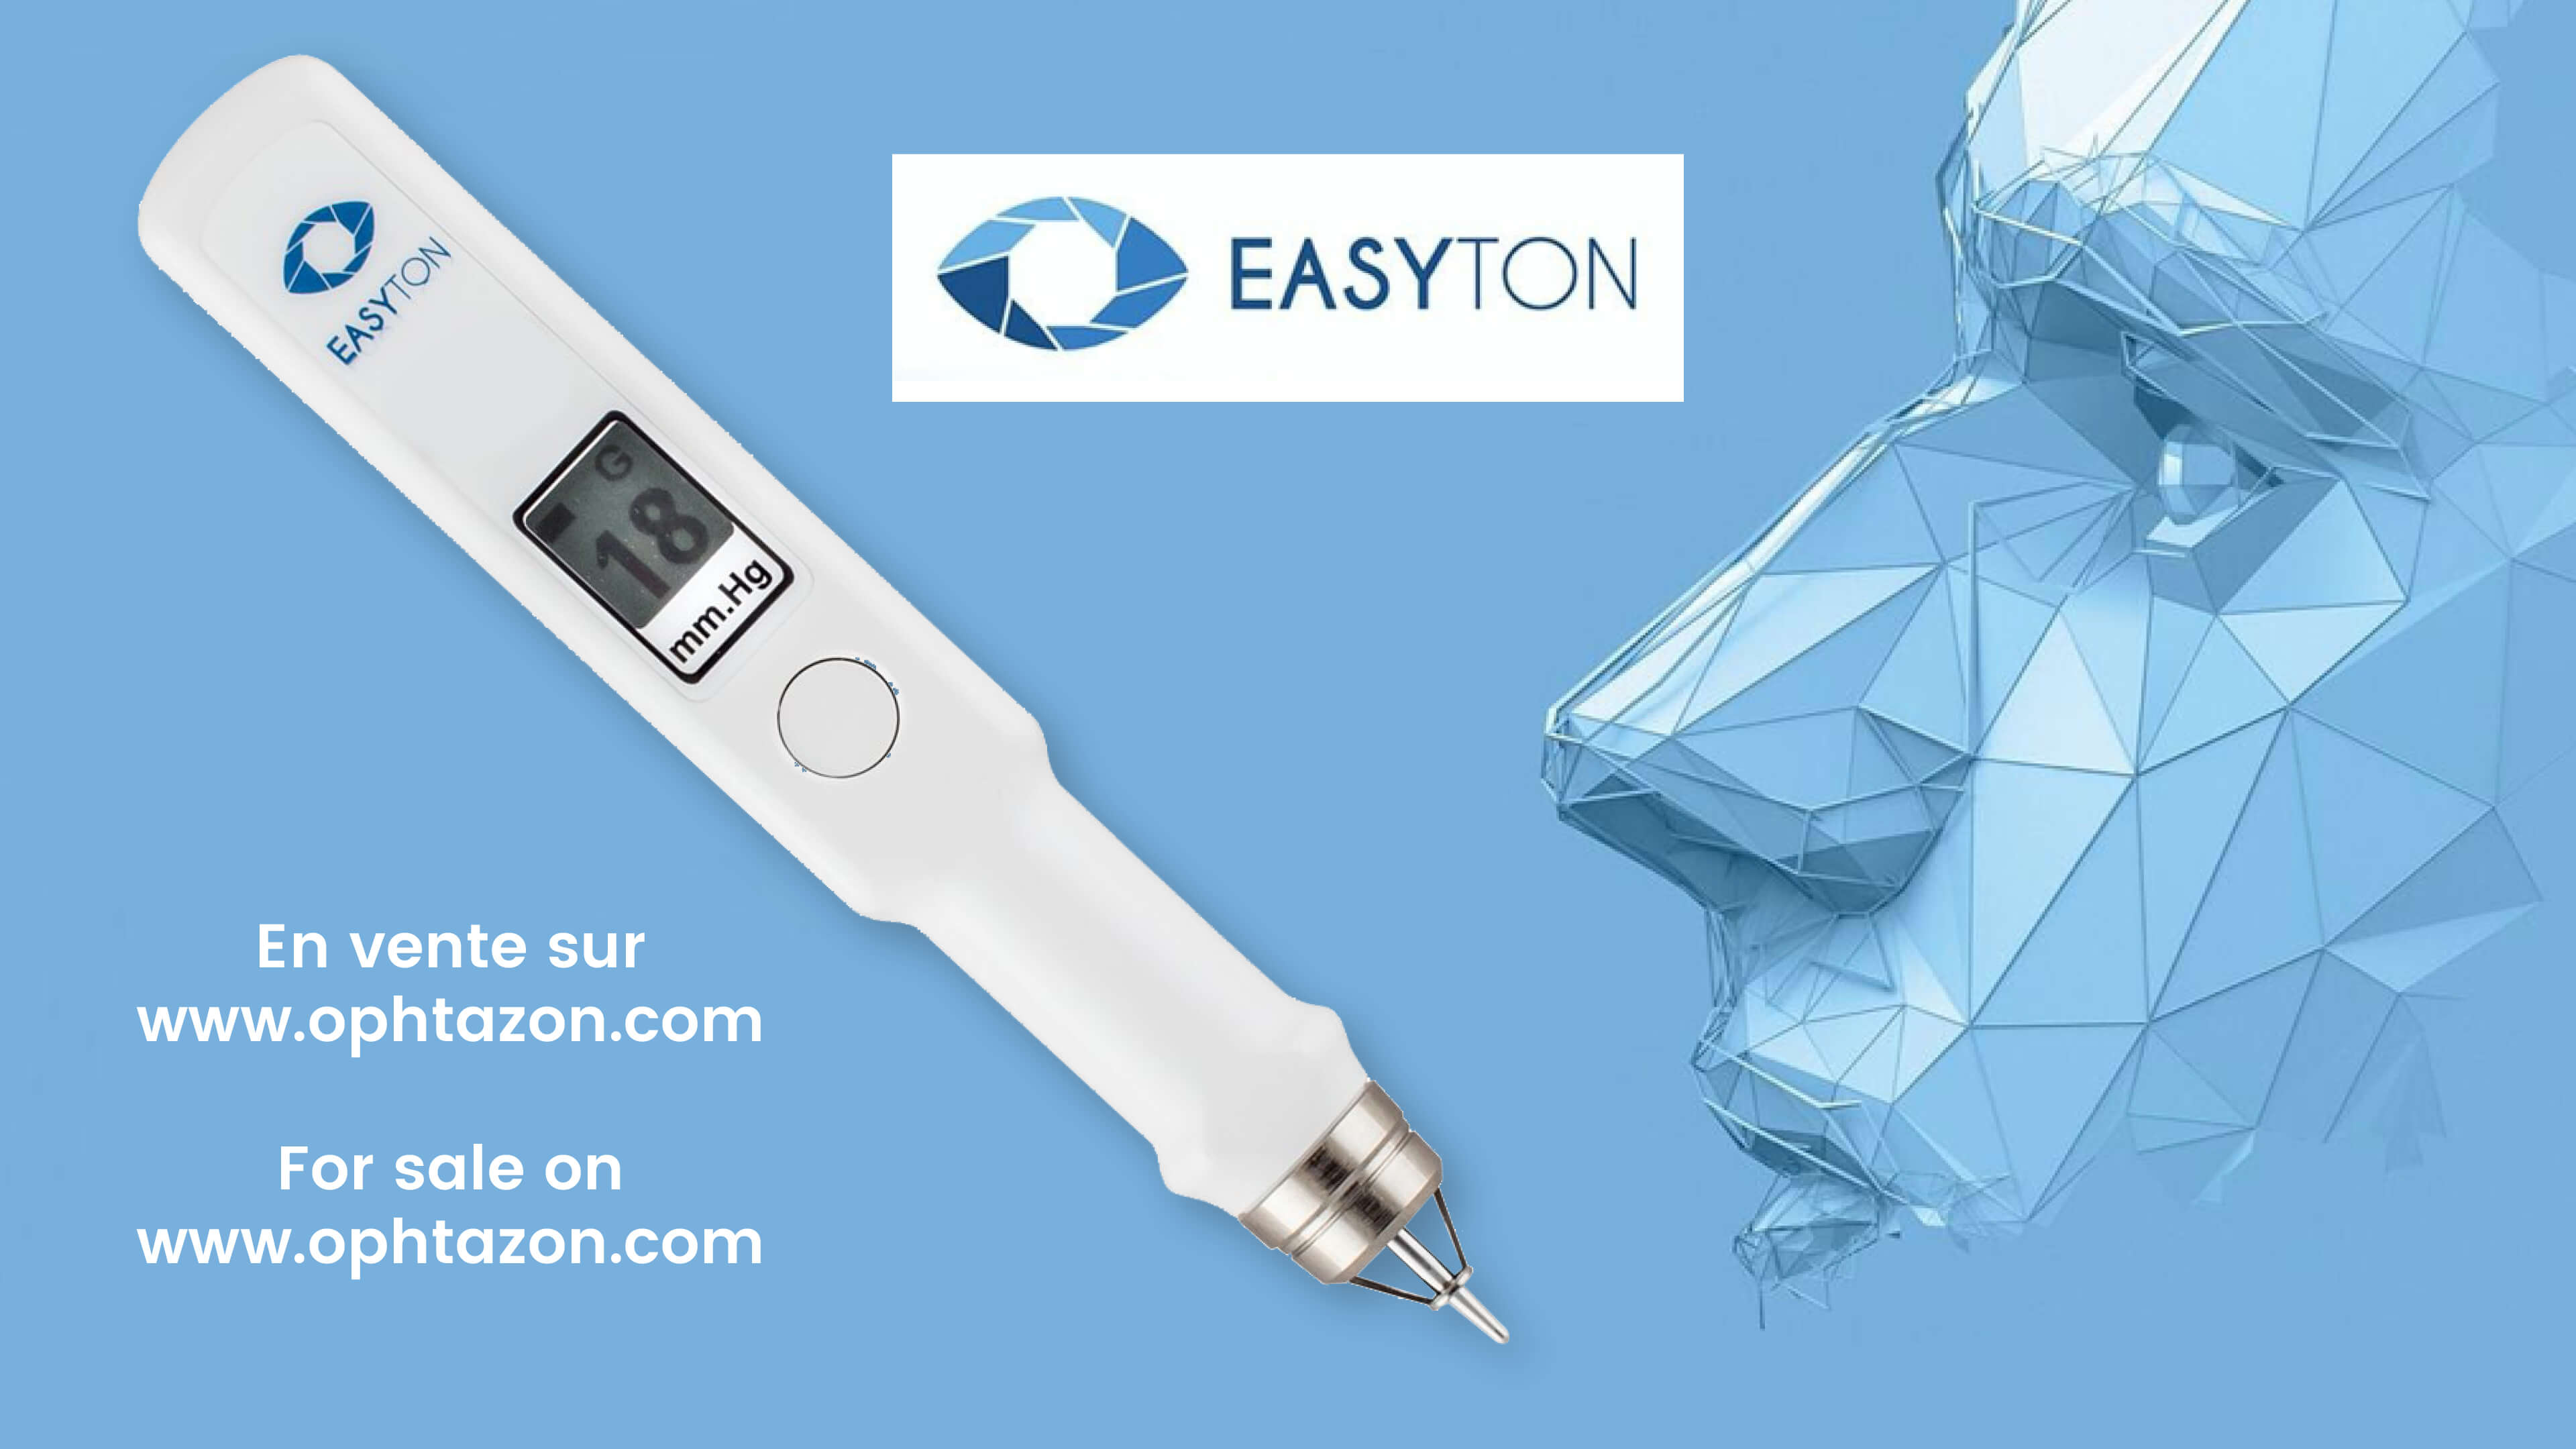 EASYTON - Le nouveau tonomètre, en vente sur OPHTAZON